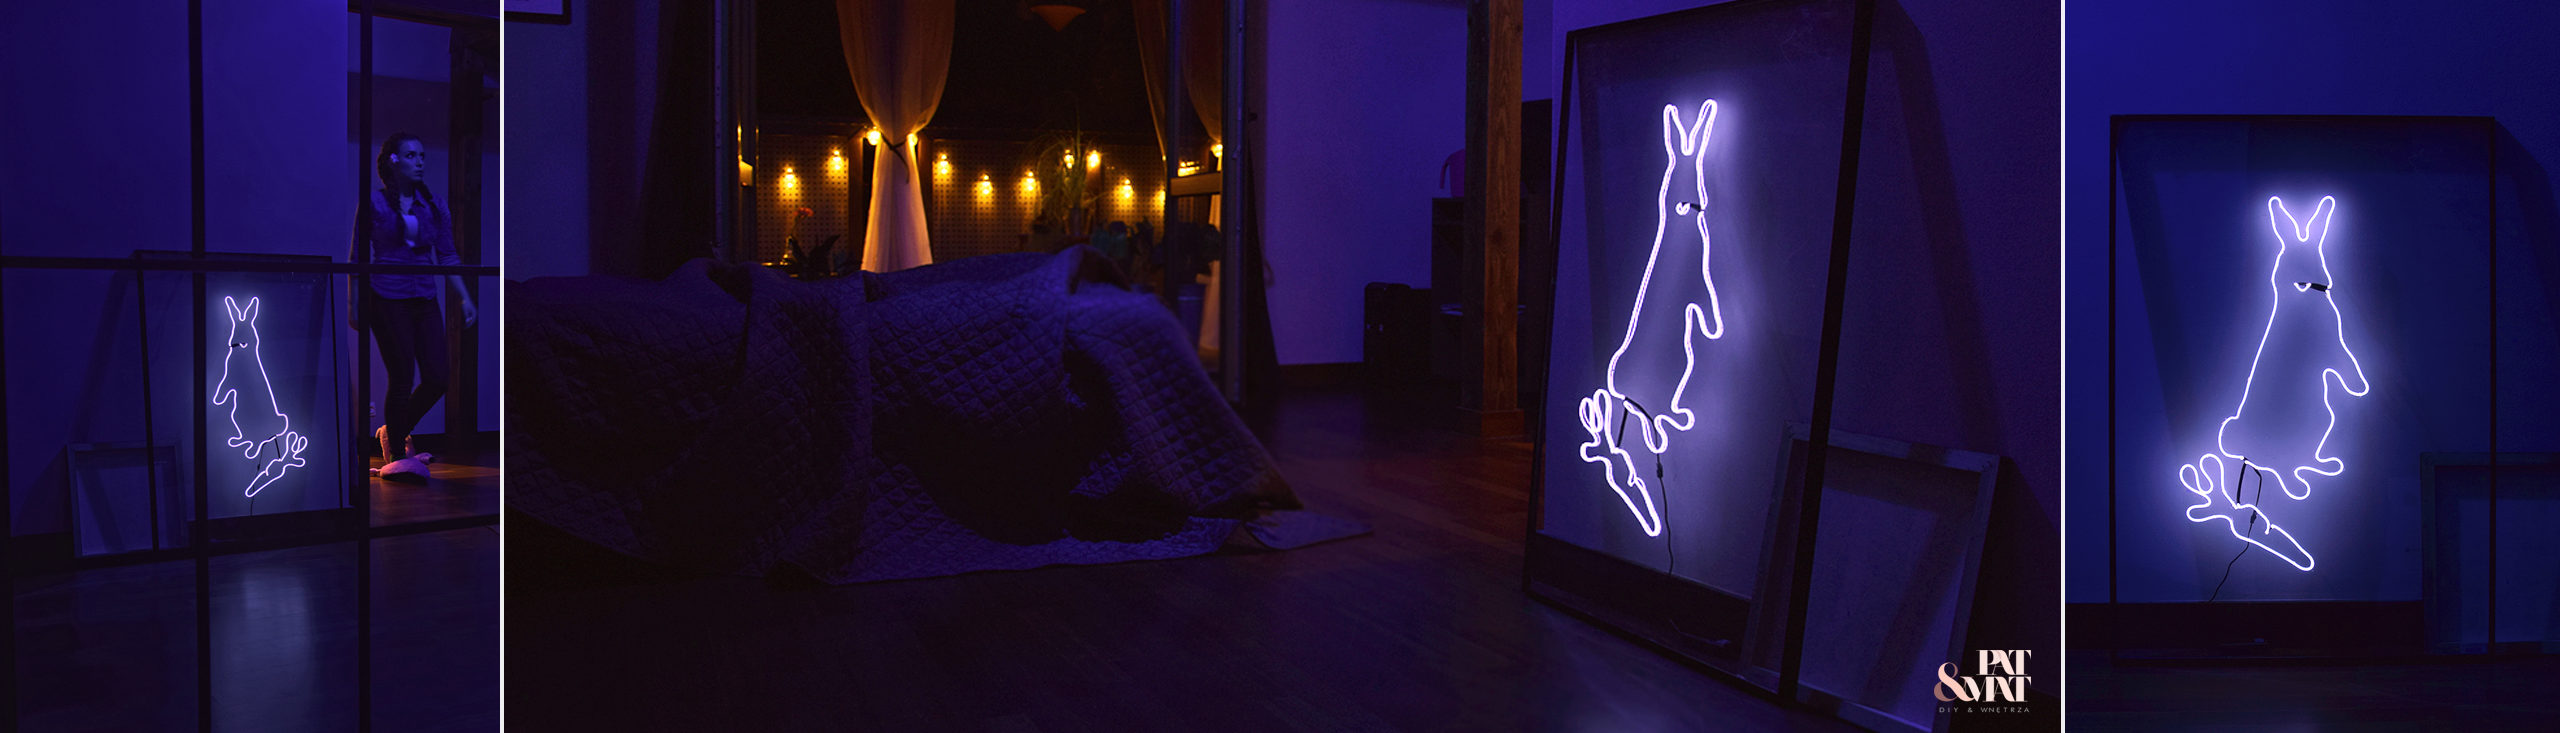 DIY Neon Bunny – Neon Królik w metalowej ramie. Zrób to sam